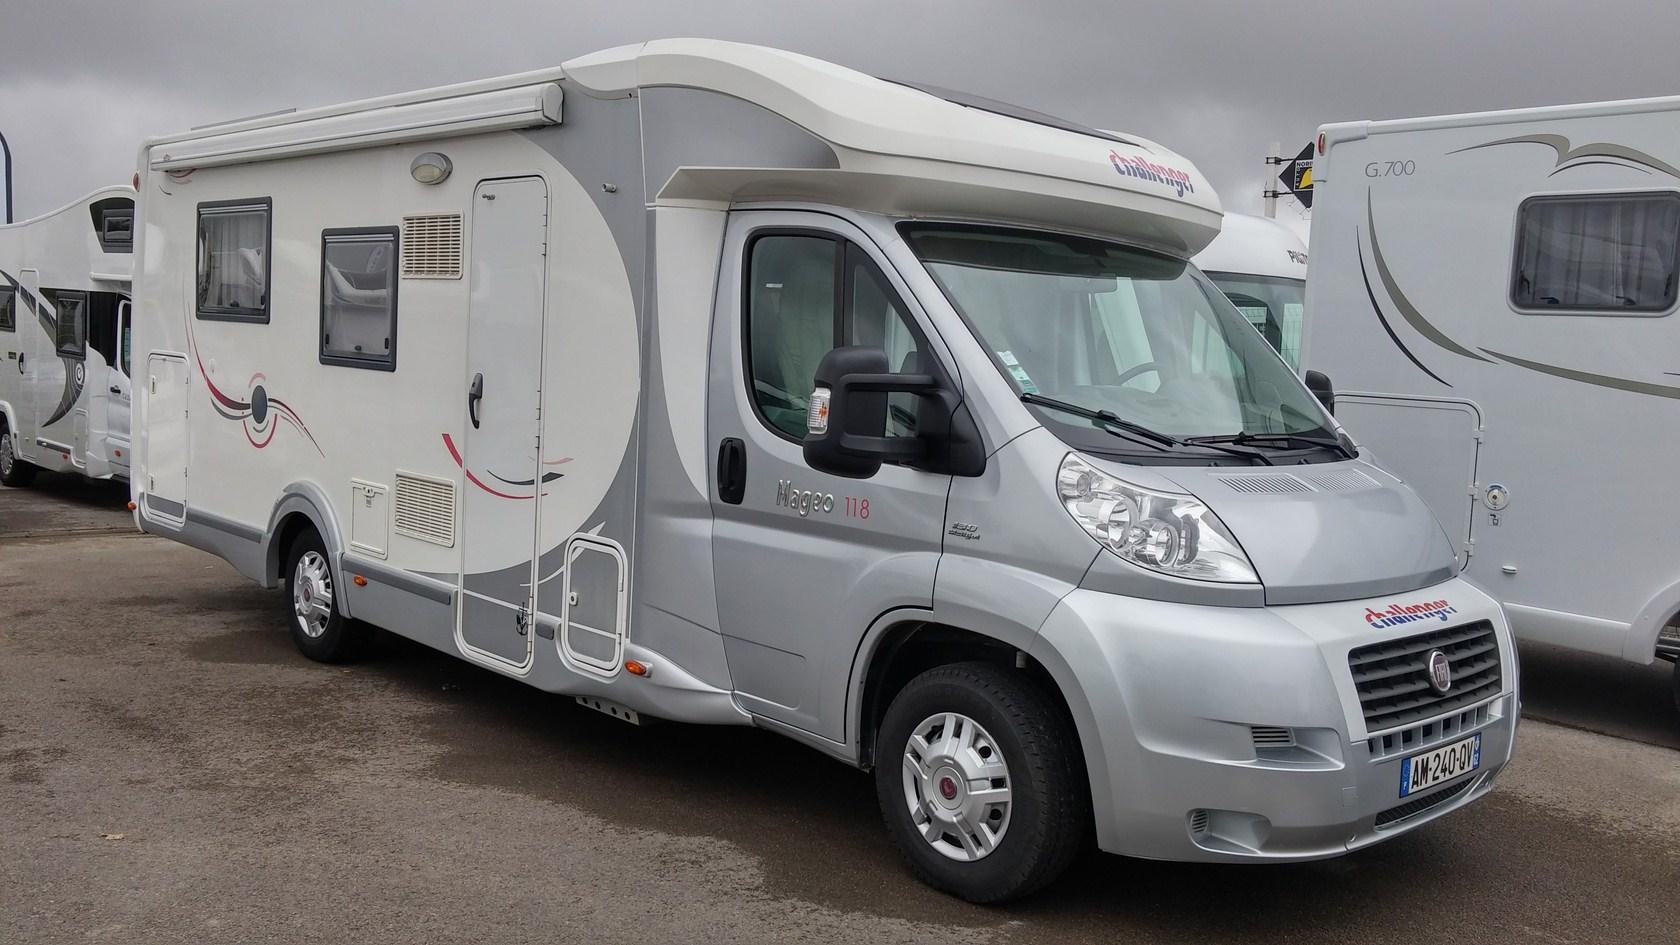 challenger mageo 118 occasion de 2010 fiat camping car en vente berck sur mer pas de calais. Black Bedroom Furniture Sets. Home Design Ideas